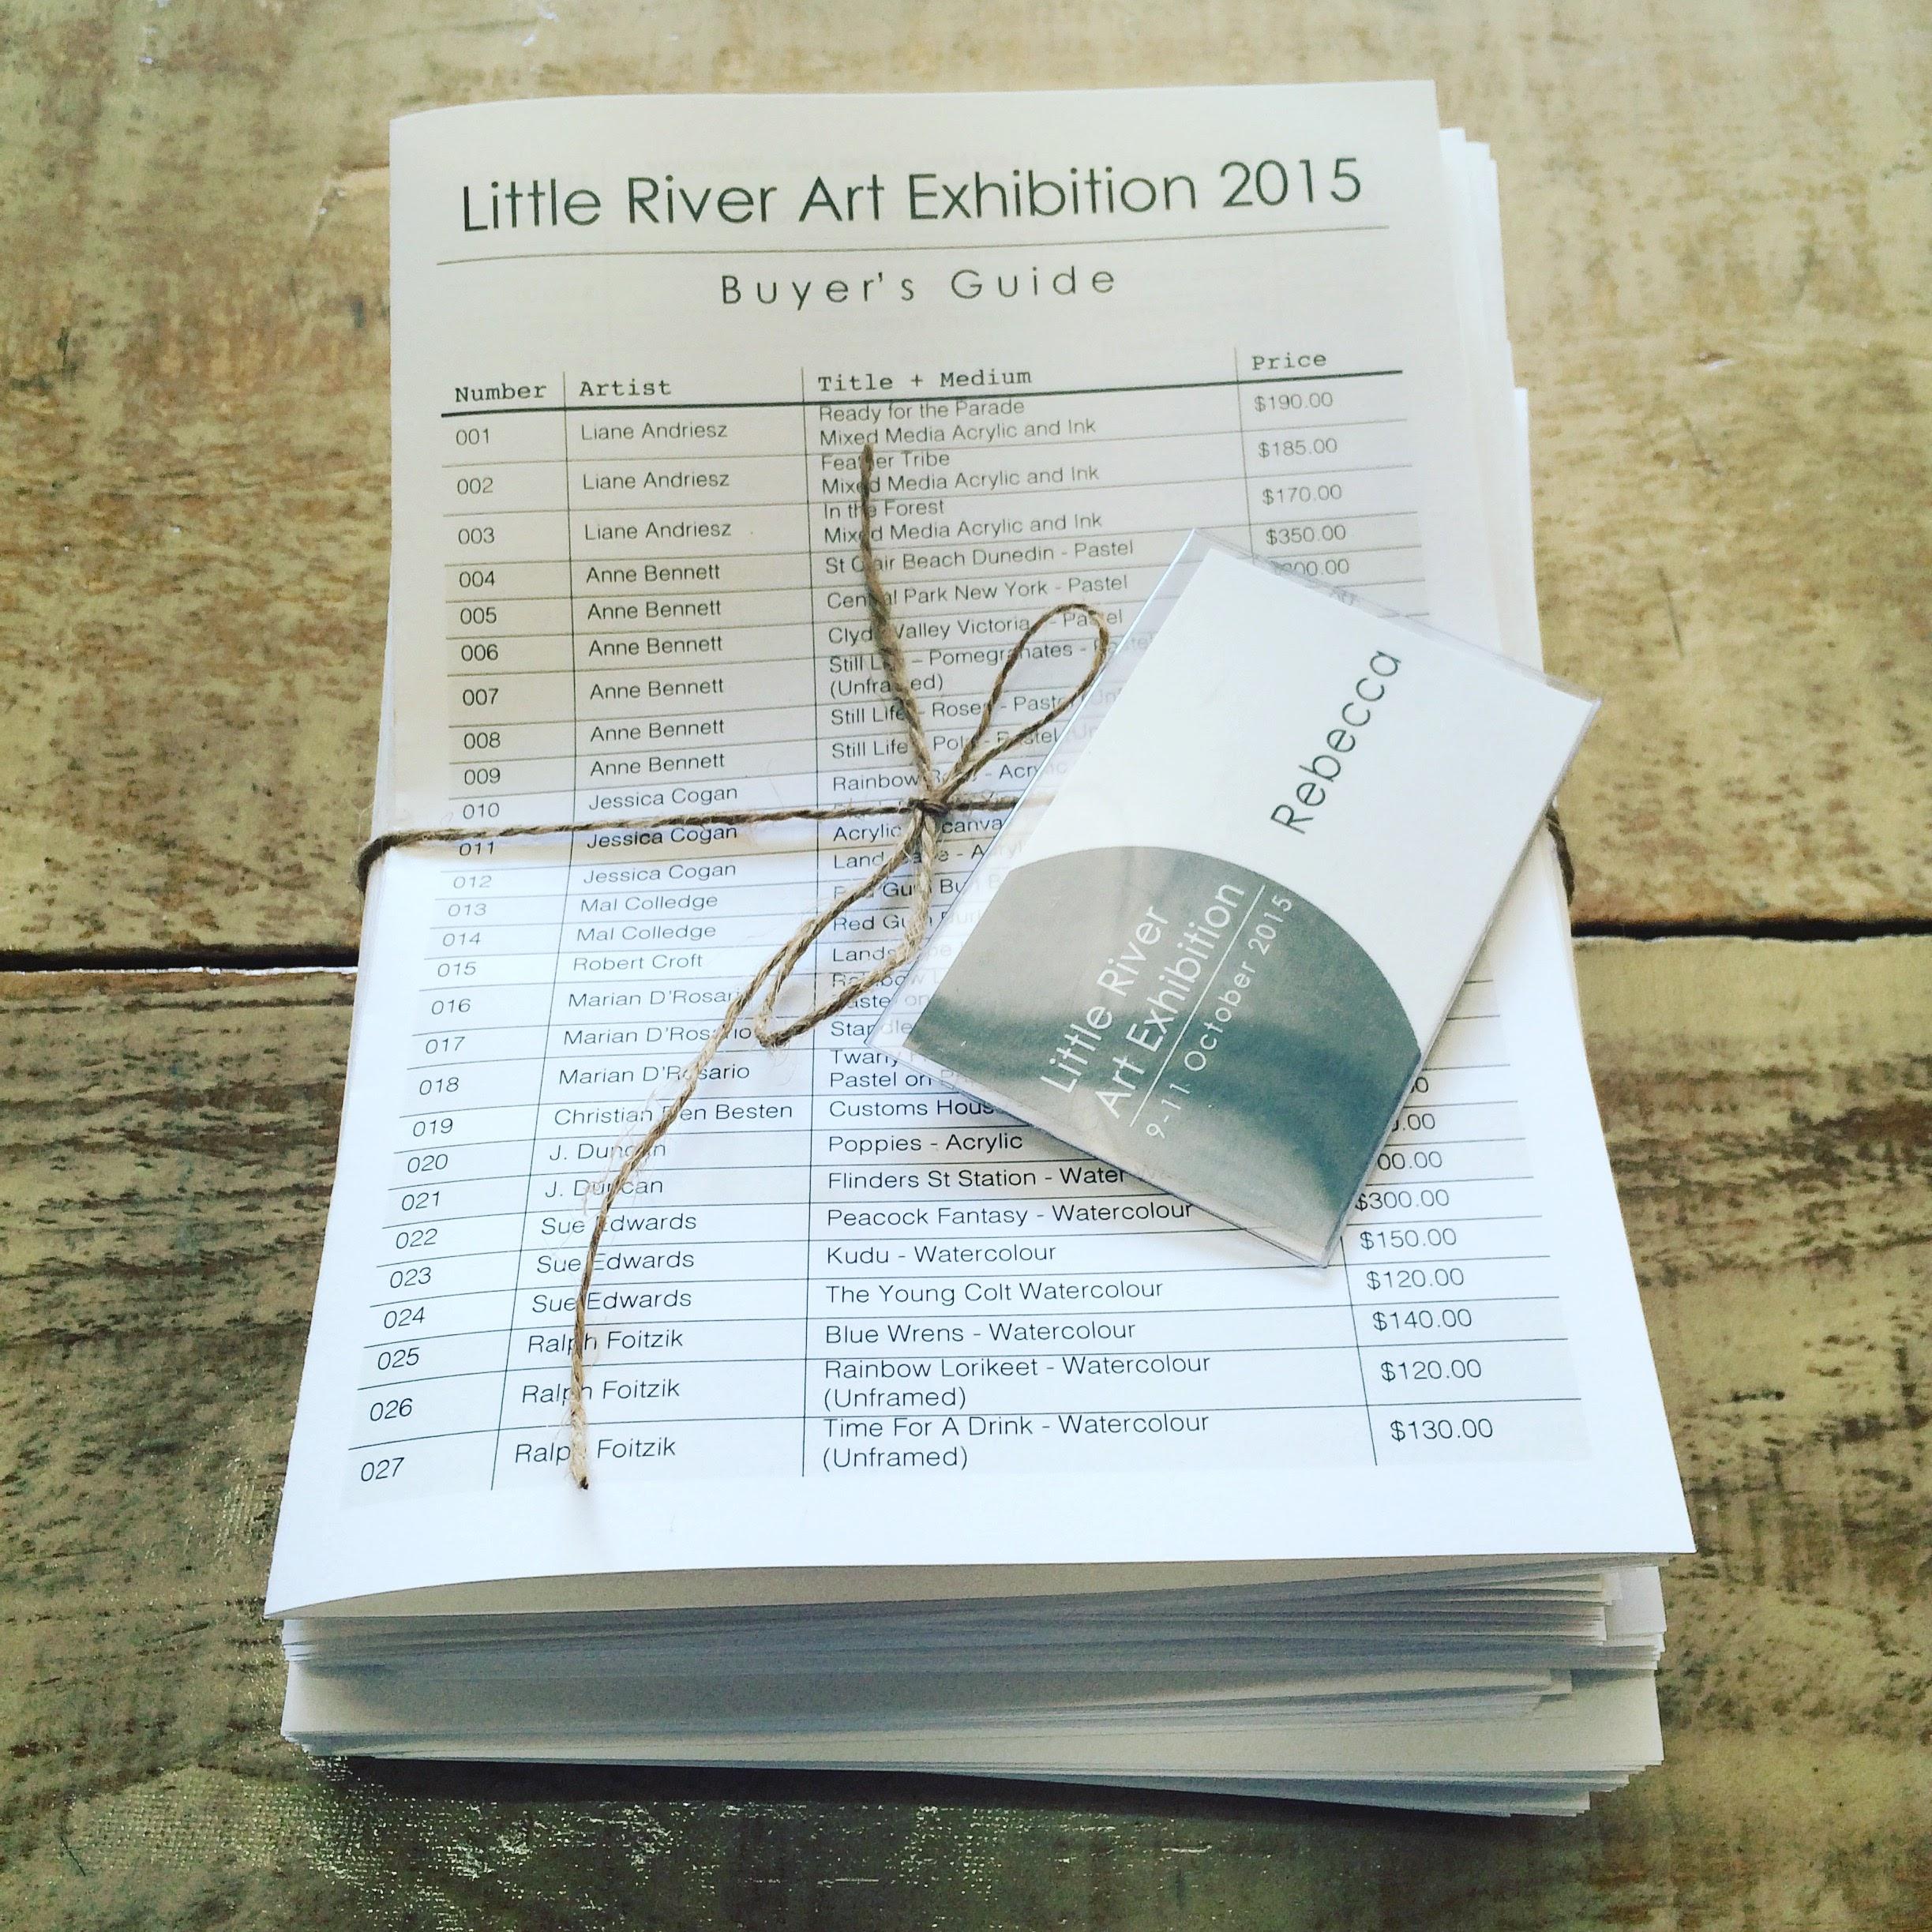 Little River Art Exhibition 2015